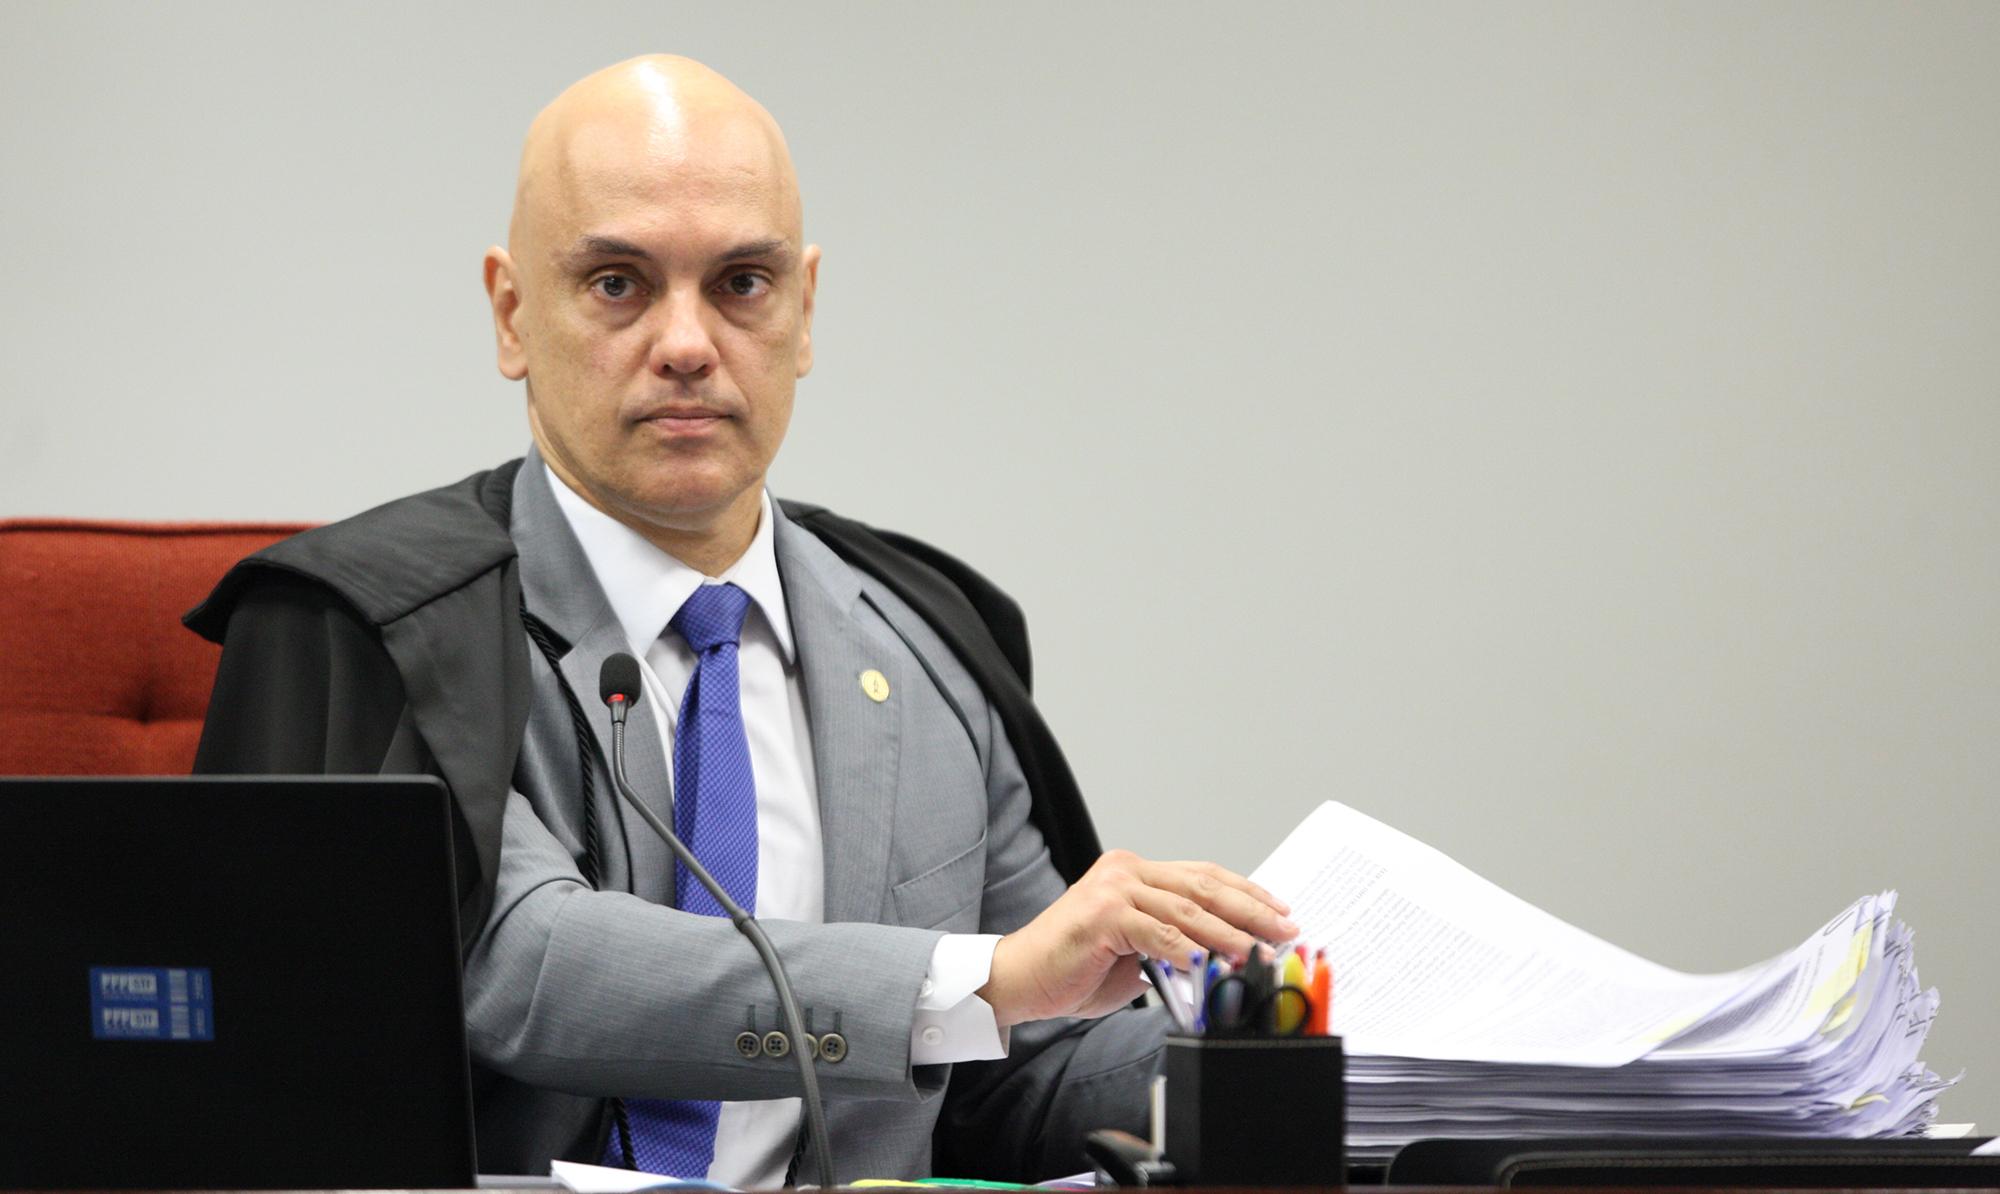 IMAGEM: Moraes pede esclarecimentos à PGR sobre arquivamento de inquérito dos atos antidemocráticos